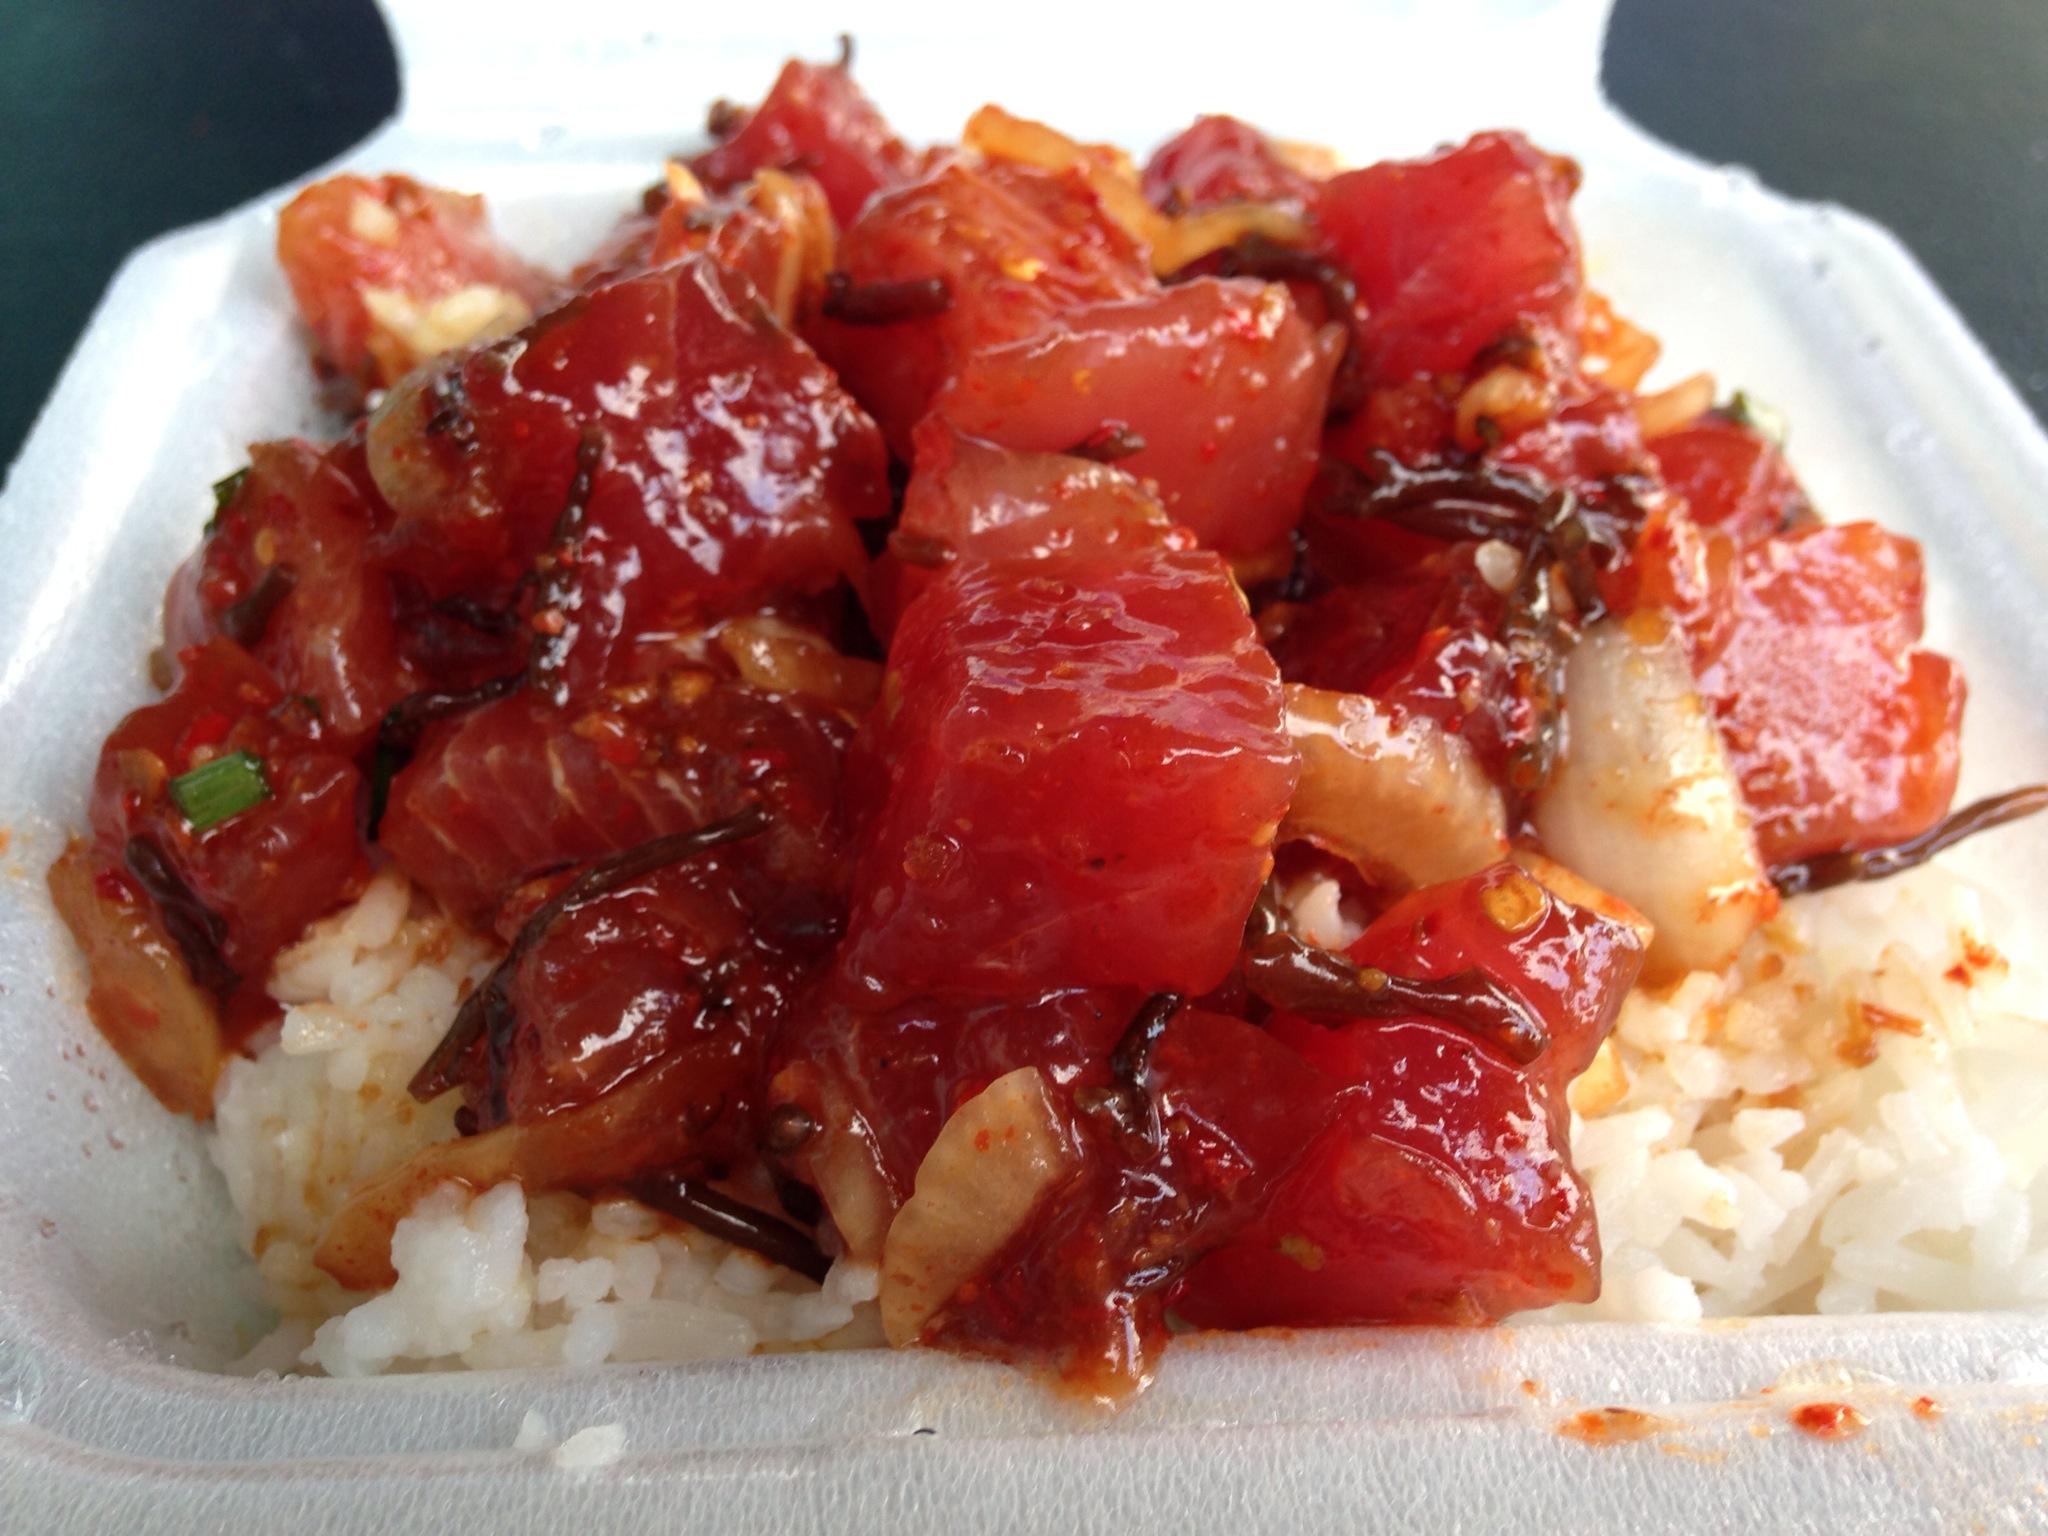 Ono Seafood(オノシーフード)、ハワイ名物のポキ丼はあまりに美味、食べた後にテイクアウトして仲間にもシェアしました!